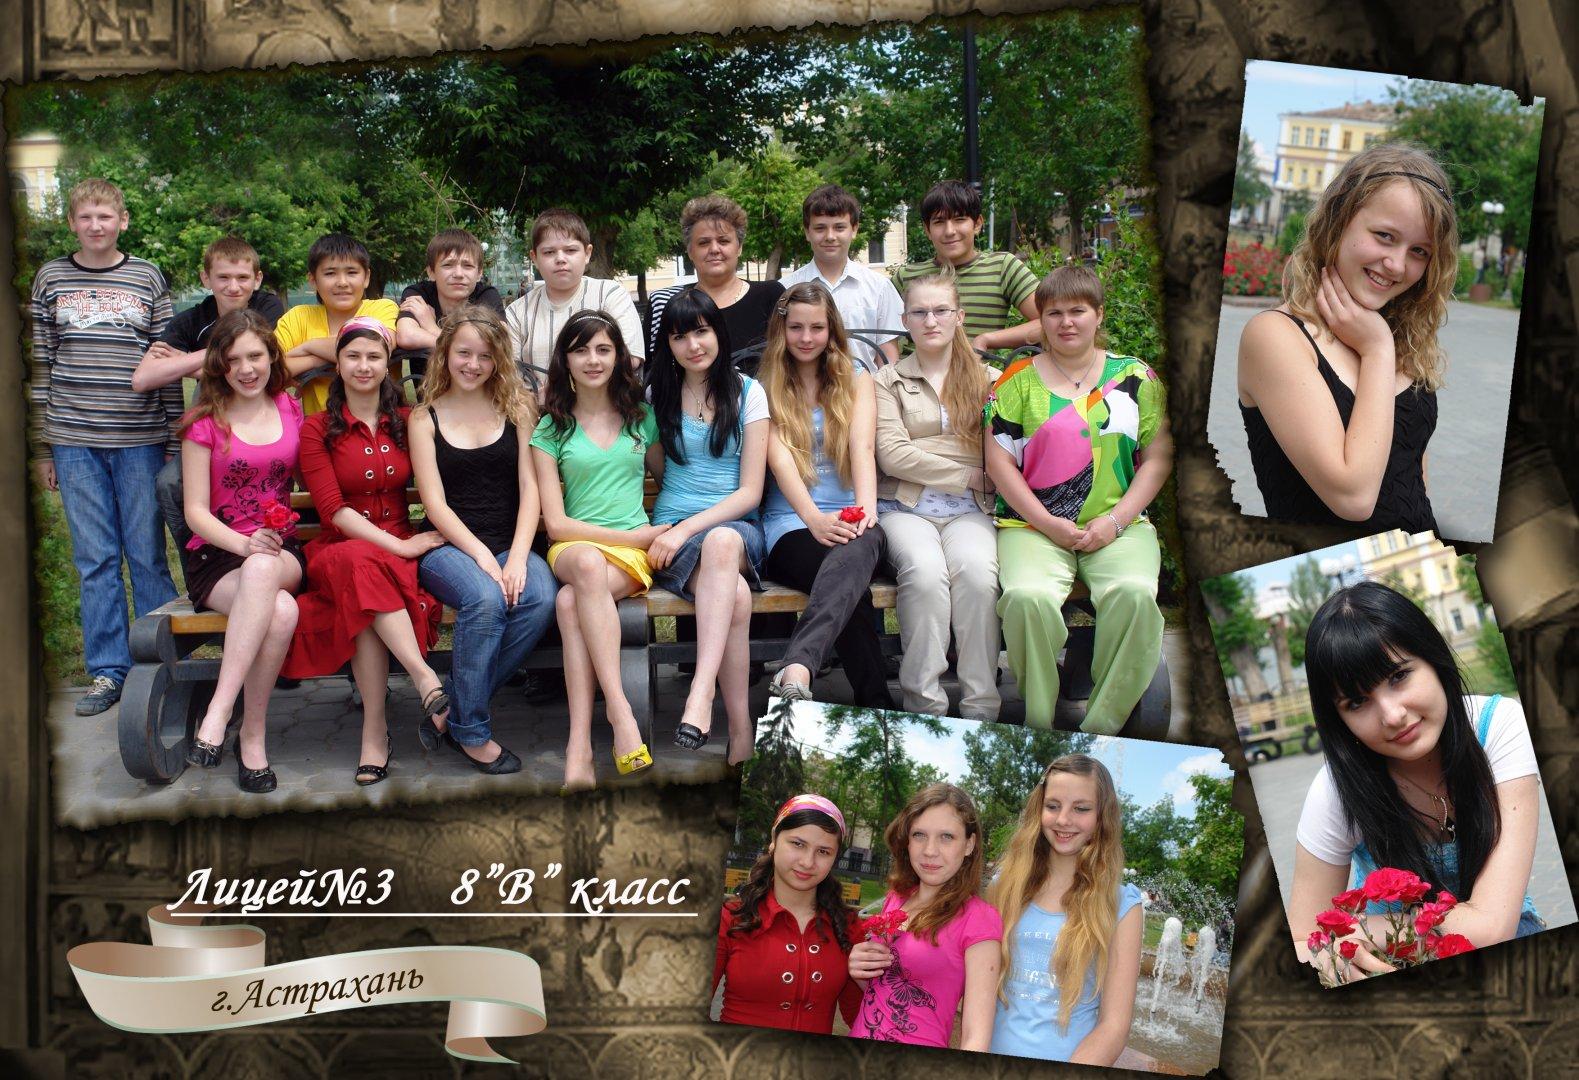 Фото классом позы 4 фотография